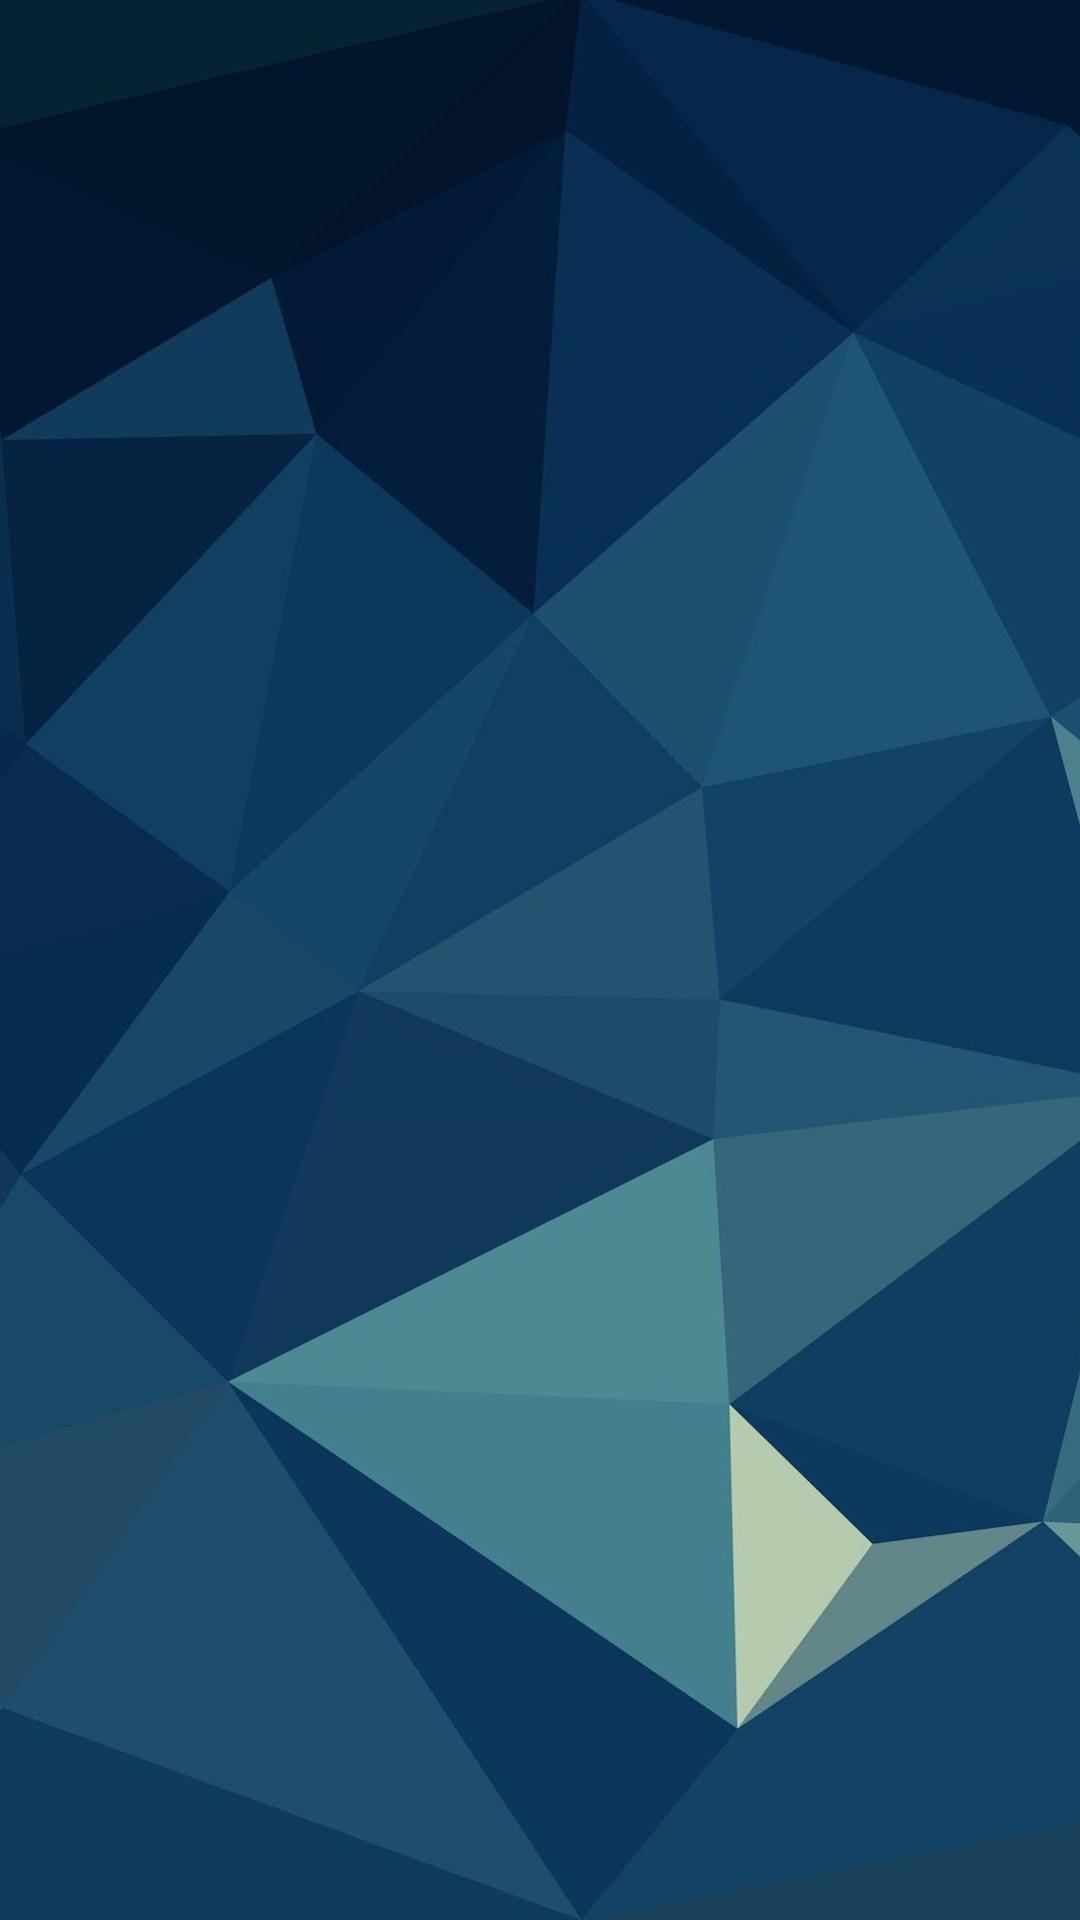 Minimalism Triangle Art Hd Wallpaper Samsung J4 1080x1920 Wallpaper Teahub Io